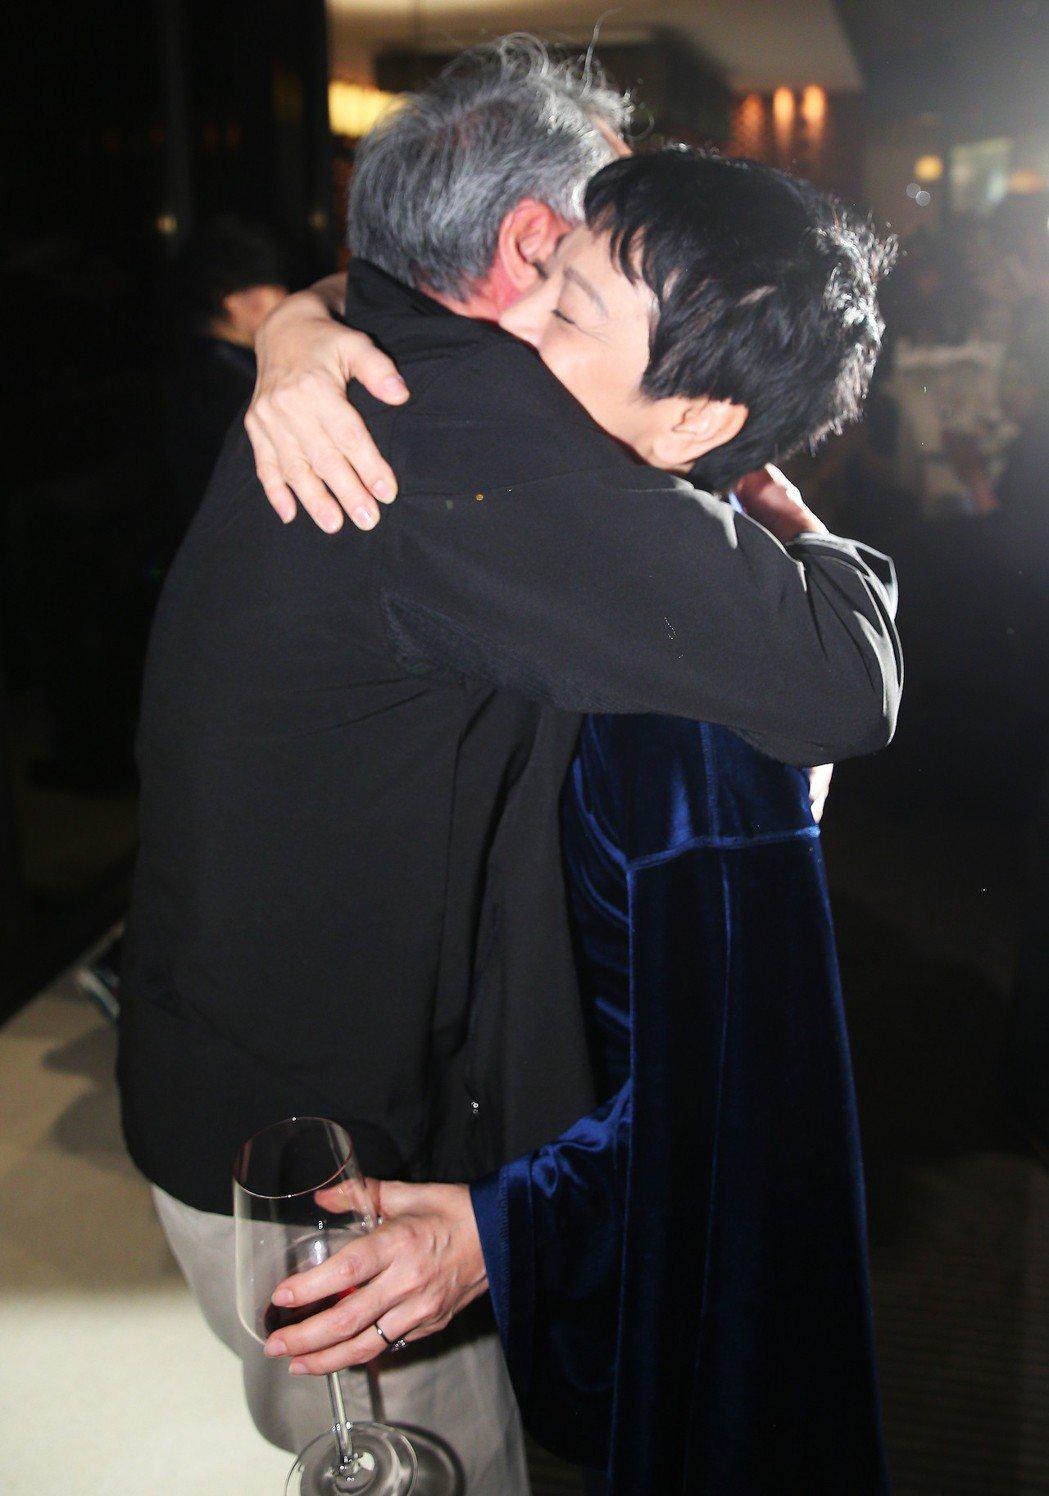 大導演李安(左)凌晨前往「相親相愛」劇組慶功宴,給導演張艾嘉(右)溫暖擁抱。記者